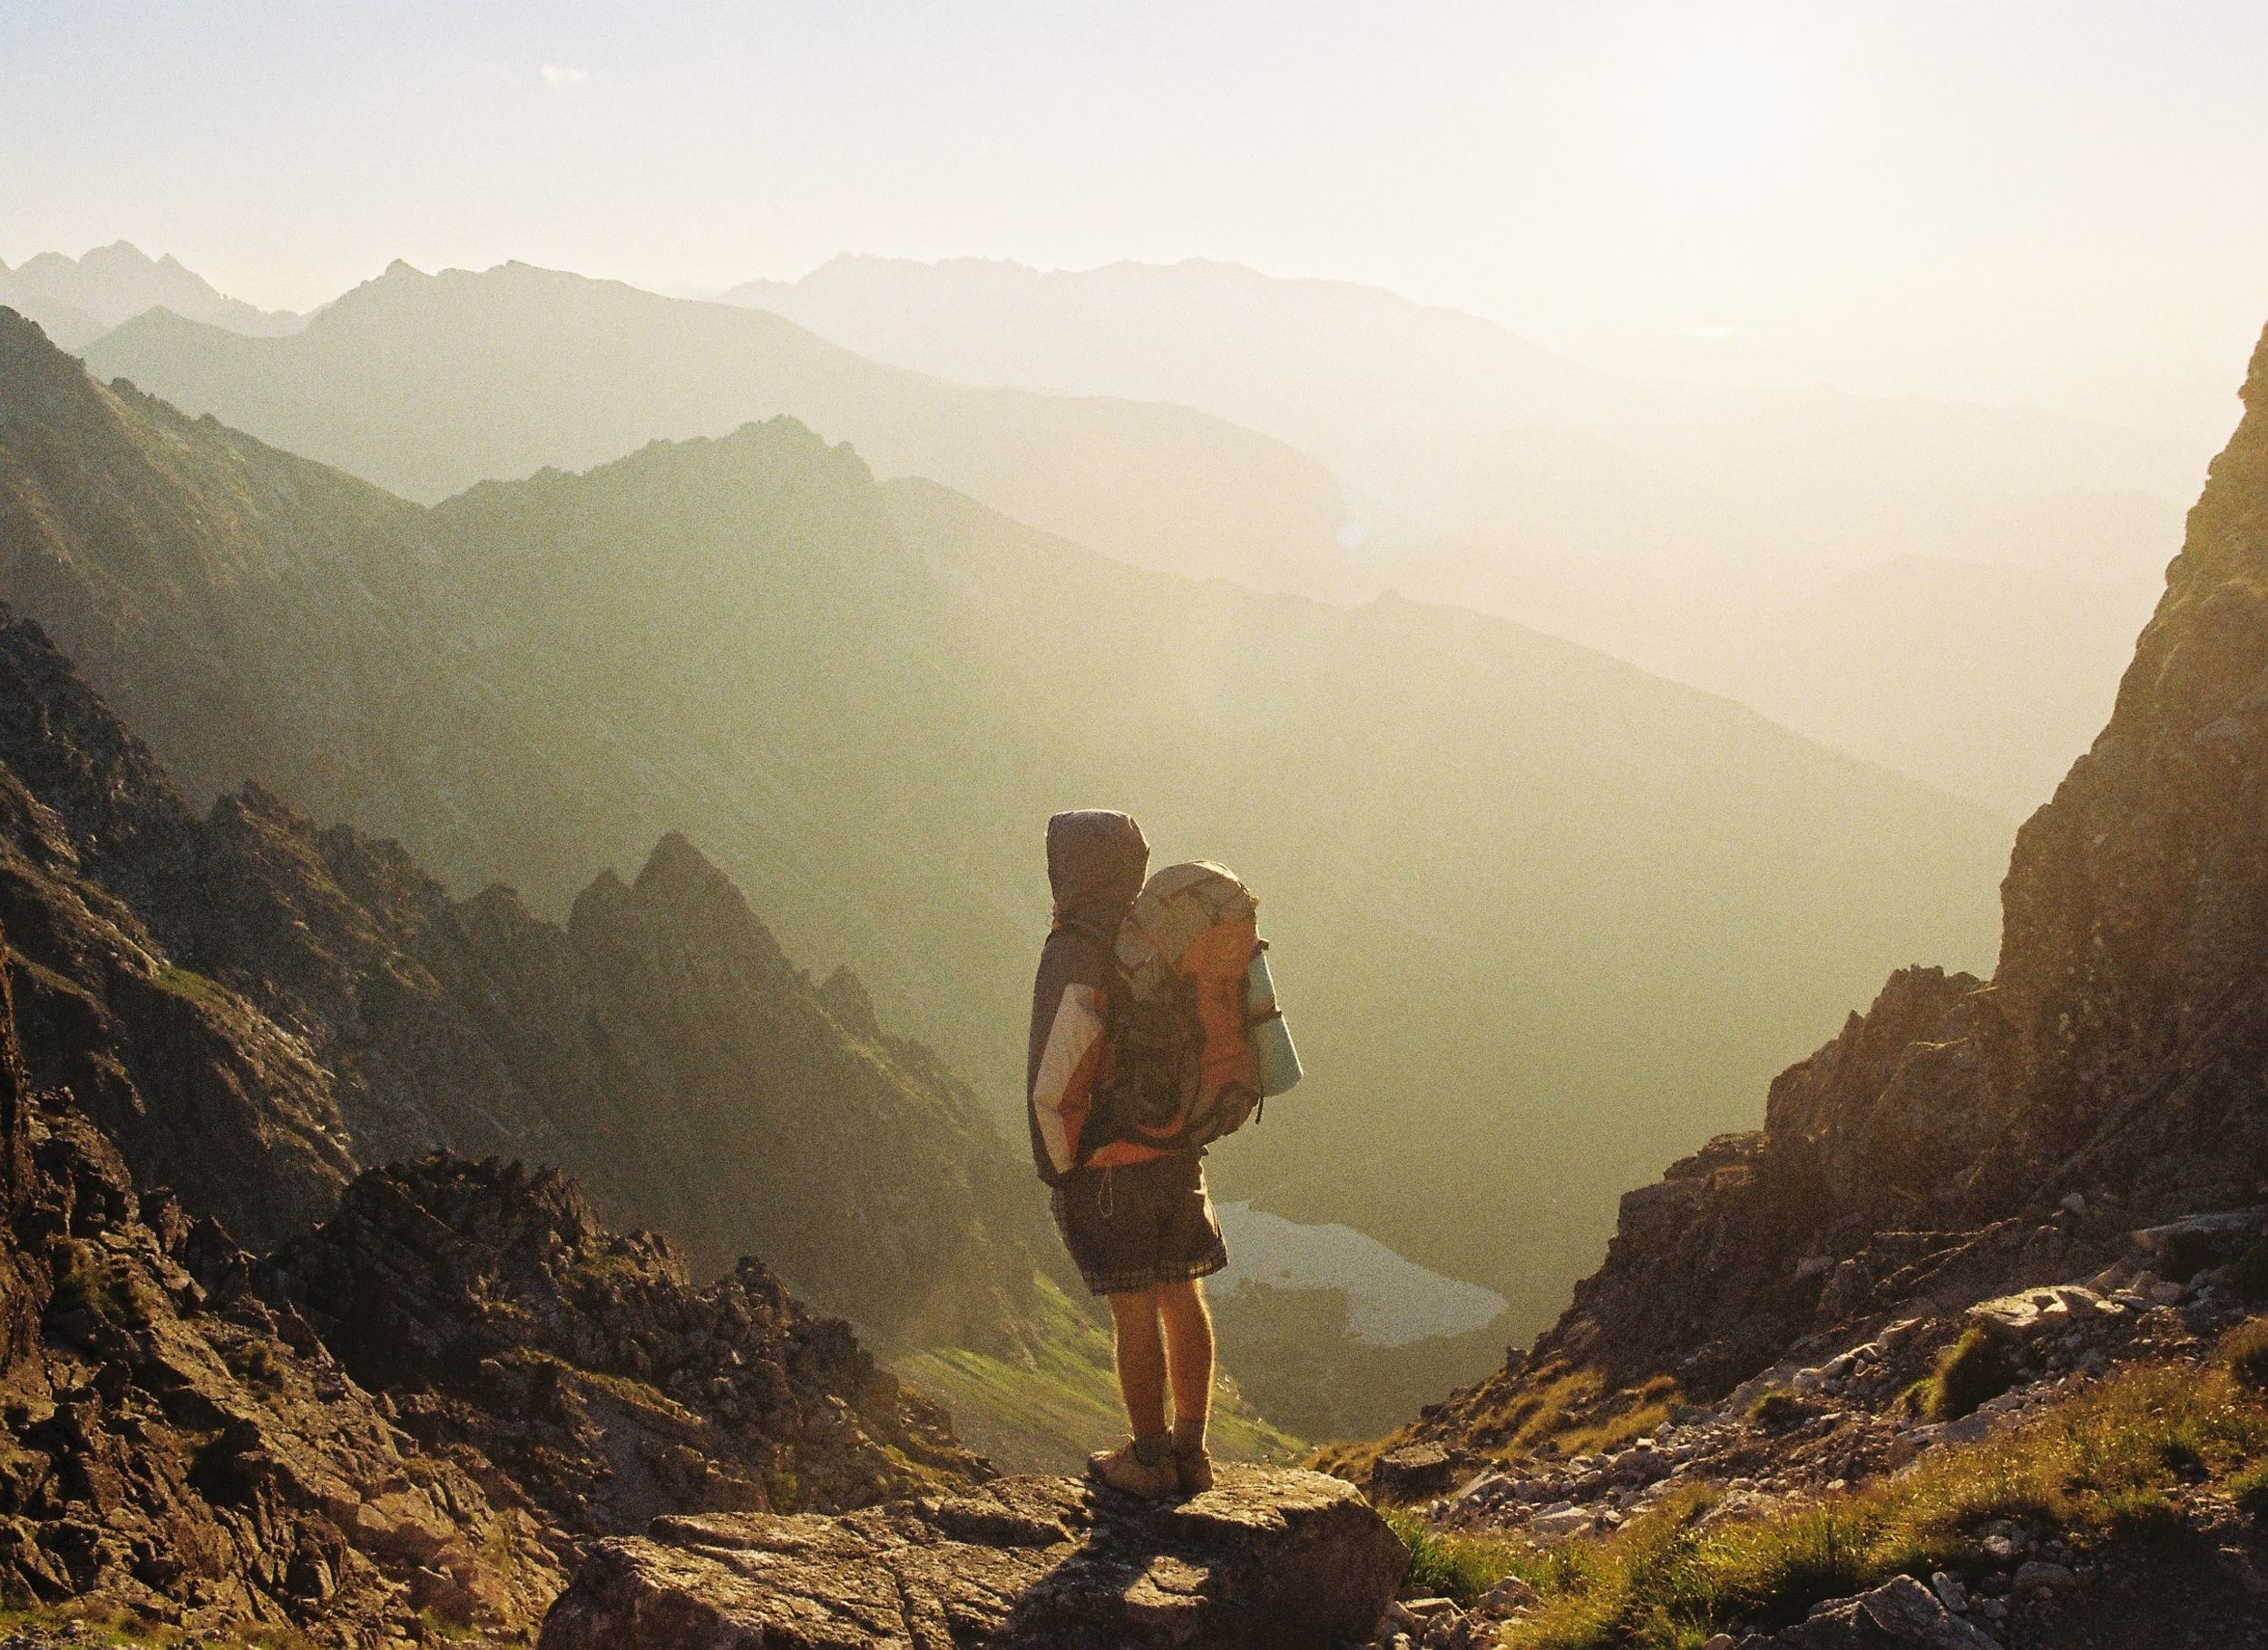 At the precipice of adventure.